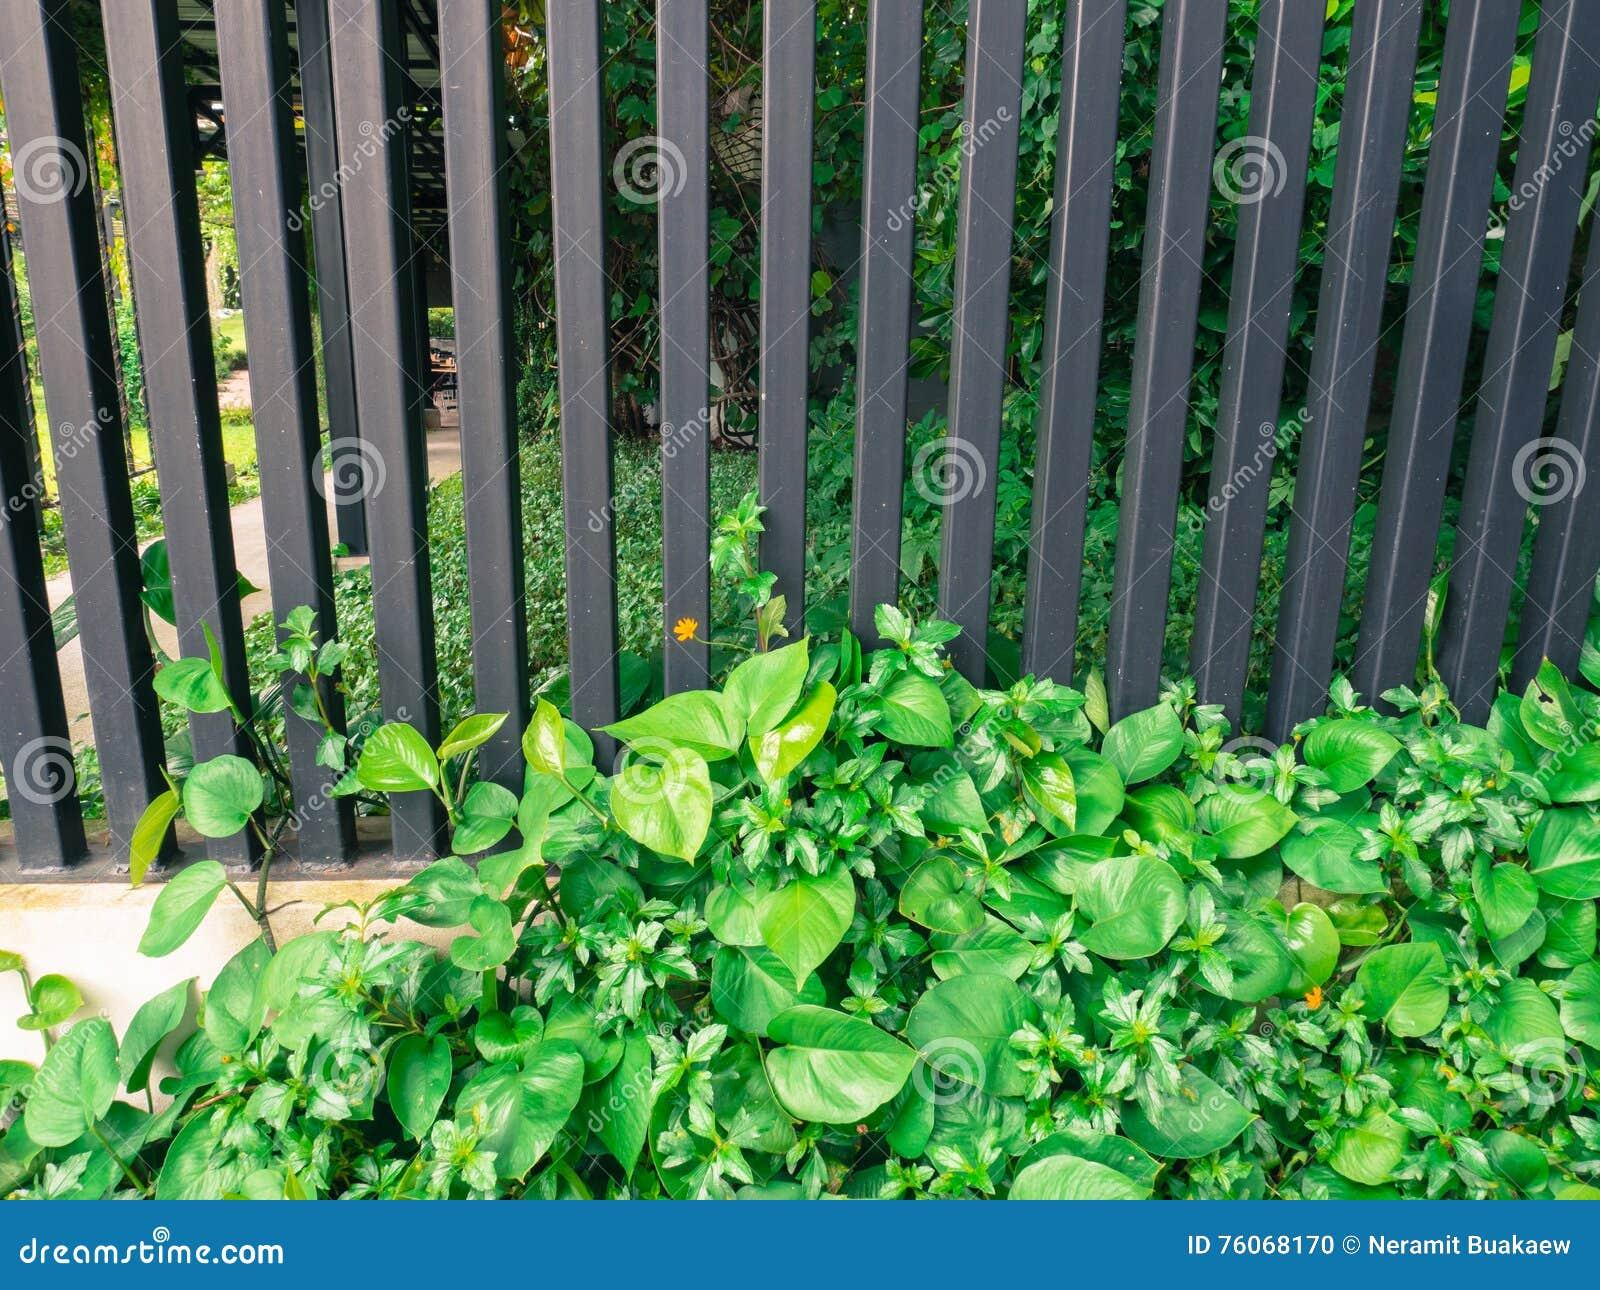 Efeu auf Zaun mit Eisen stockfoto Bild von kunst dekorativ